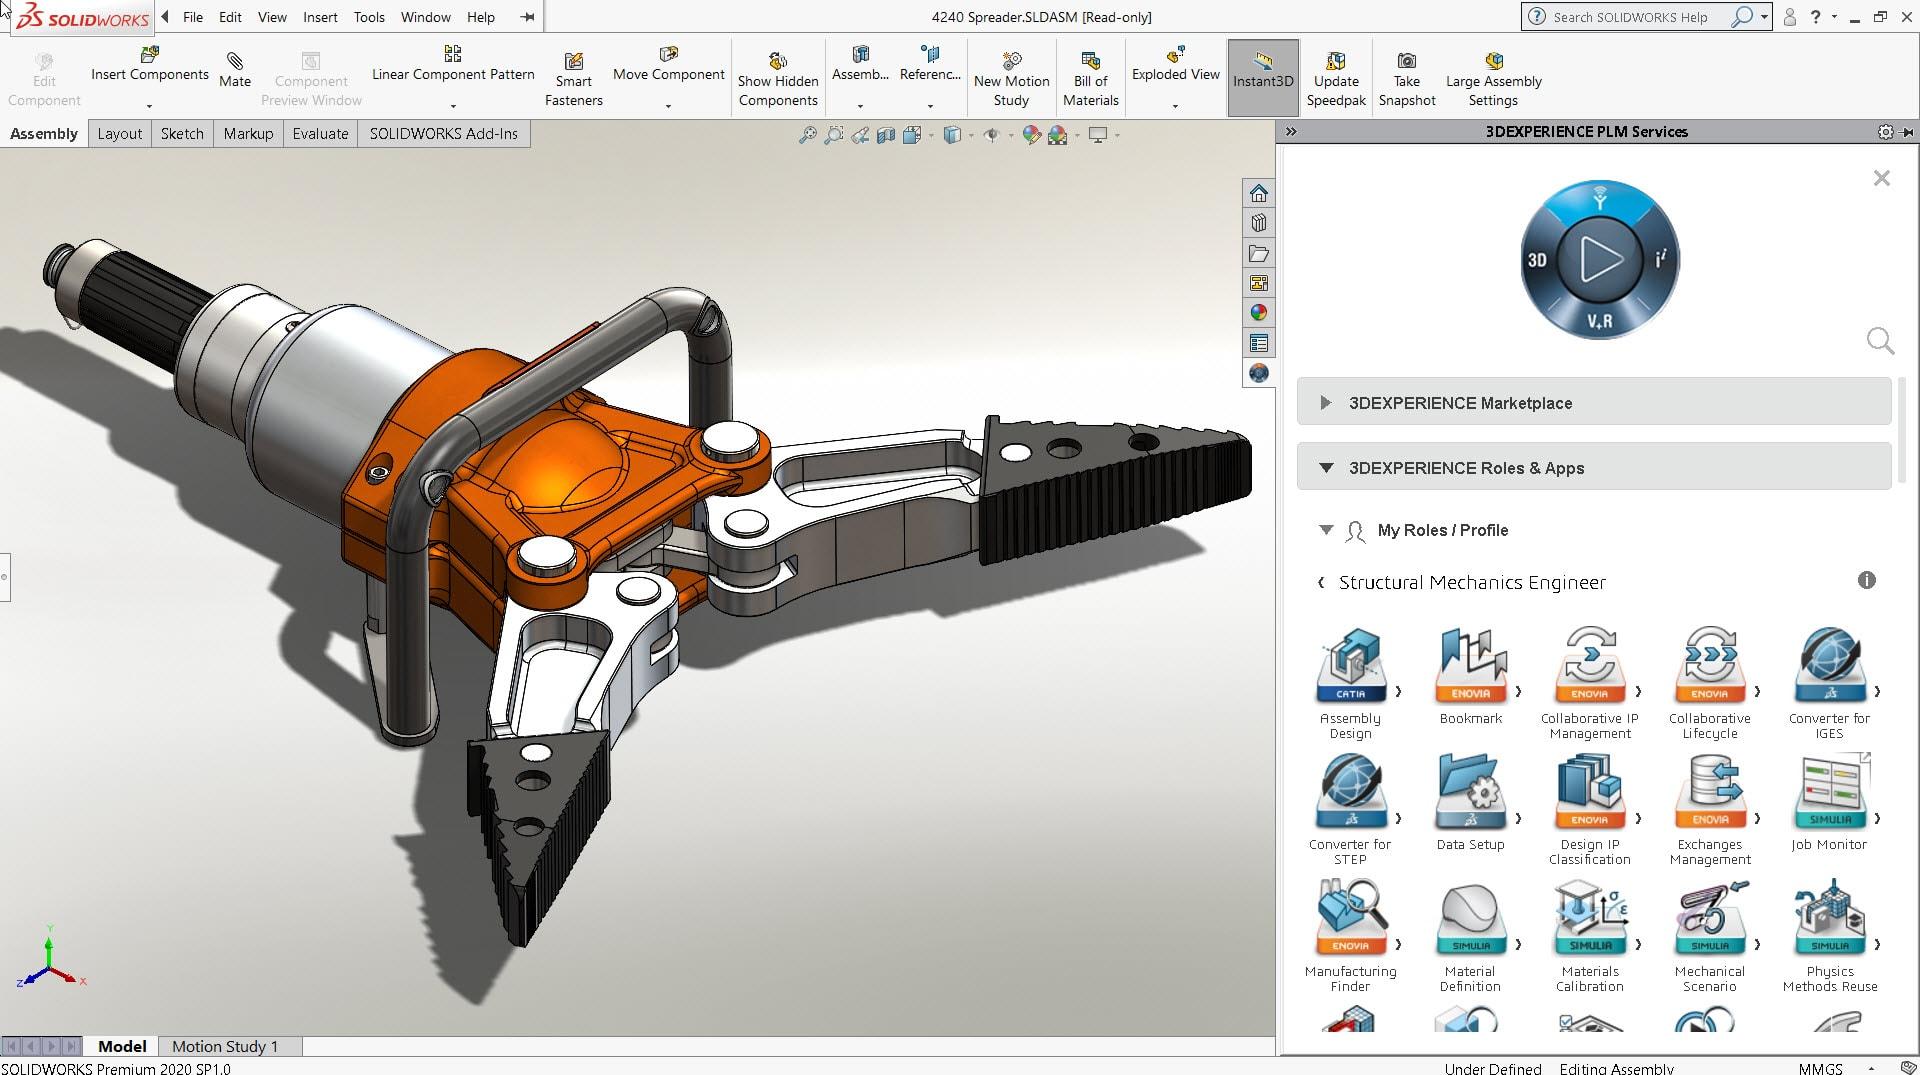 Das SOLIDWORKS Baugruppenmodell des Verteilers öffnet sich automatisch in Structural Mechanics Engineer über den 3DEXPERIENCE Kompass, der in der SOLIDWORKS Benutzeroberfläche verfügbar ist.